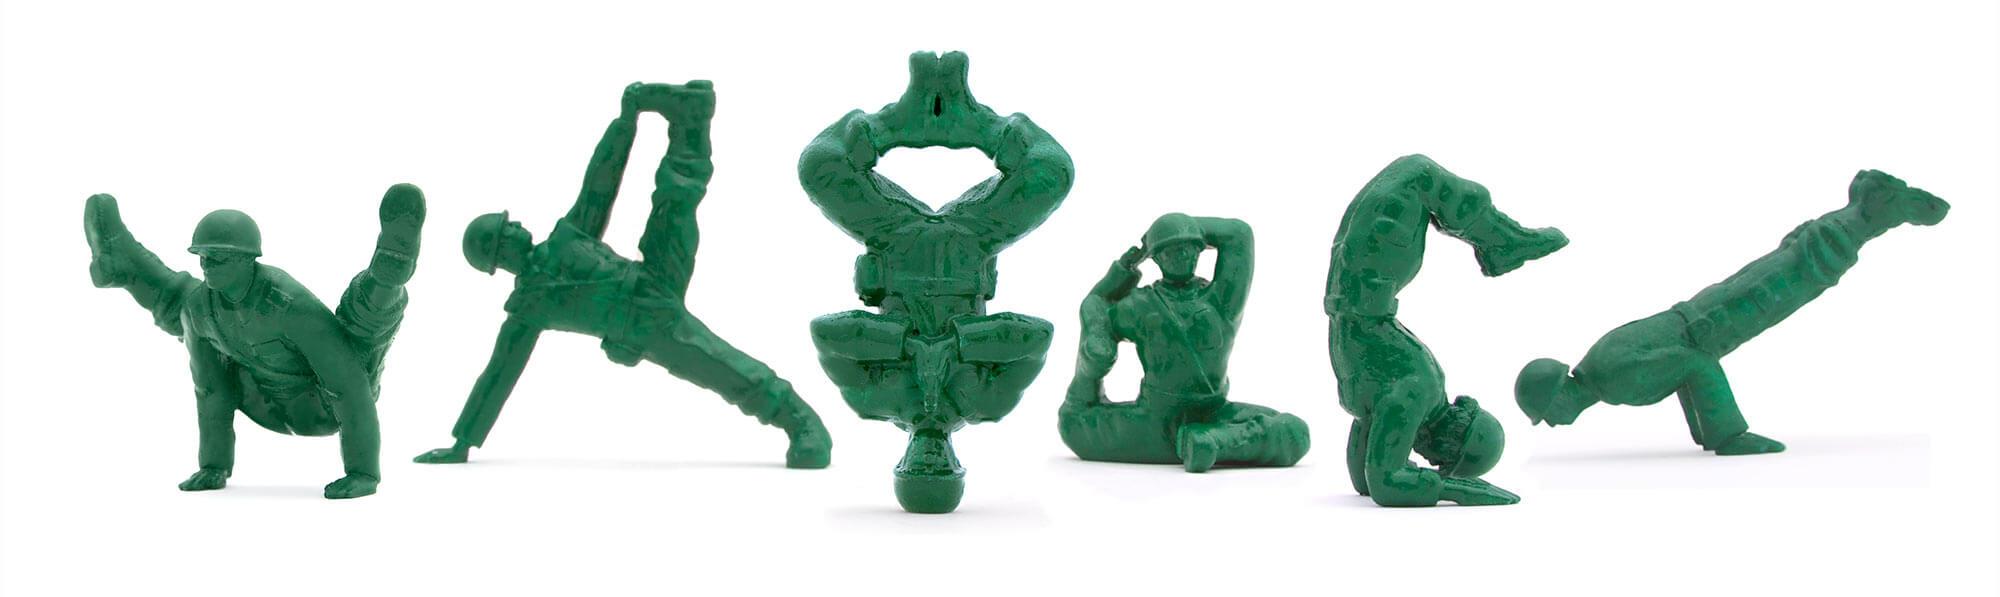 Soldaditos de juguete que cambiaron las armas por yoga